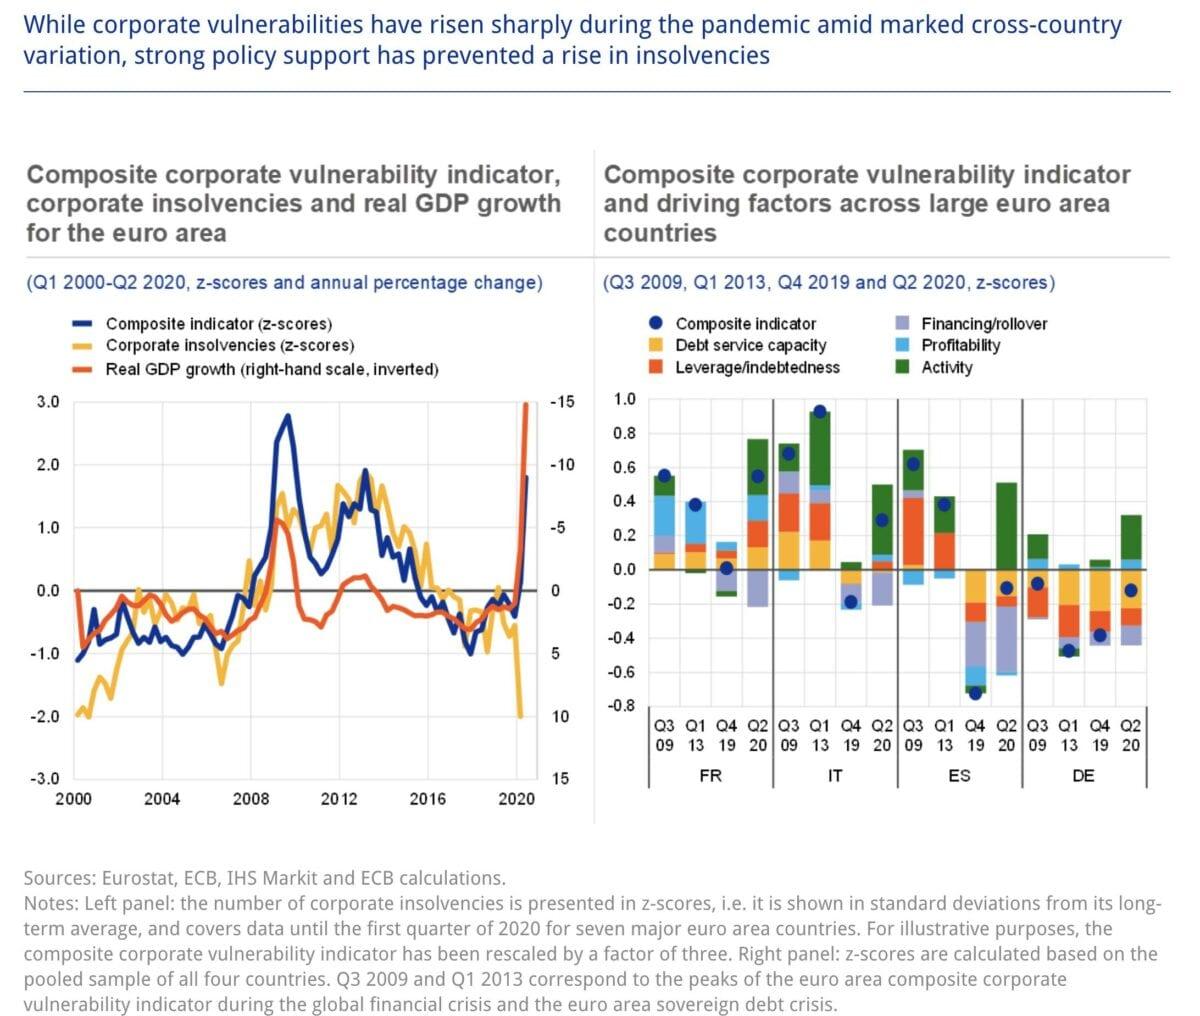 EZB-Grafik zur Verwundbarkeit der Unternehmen